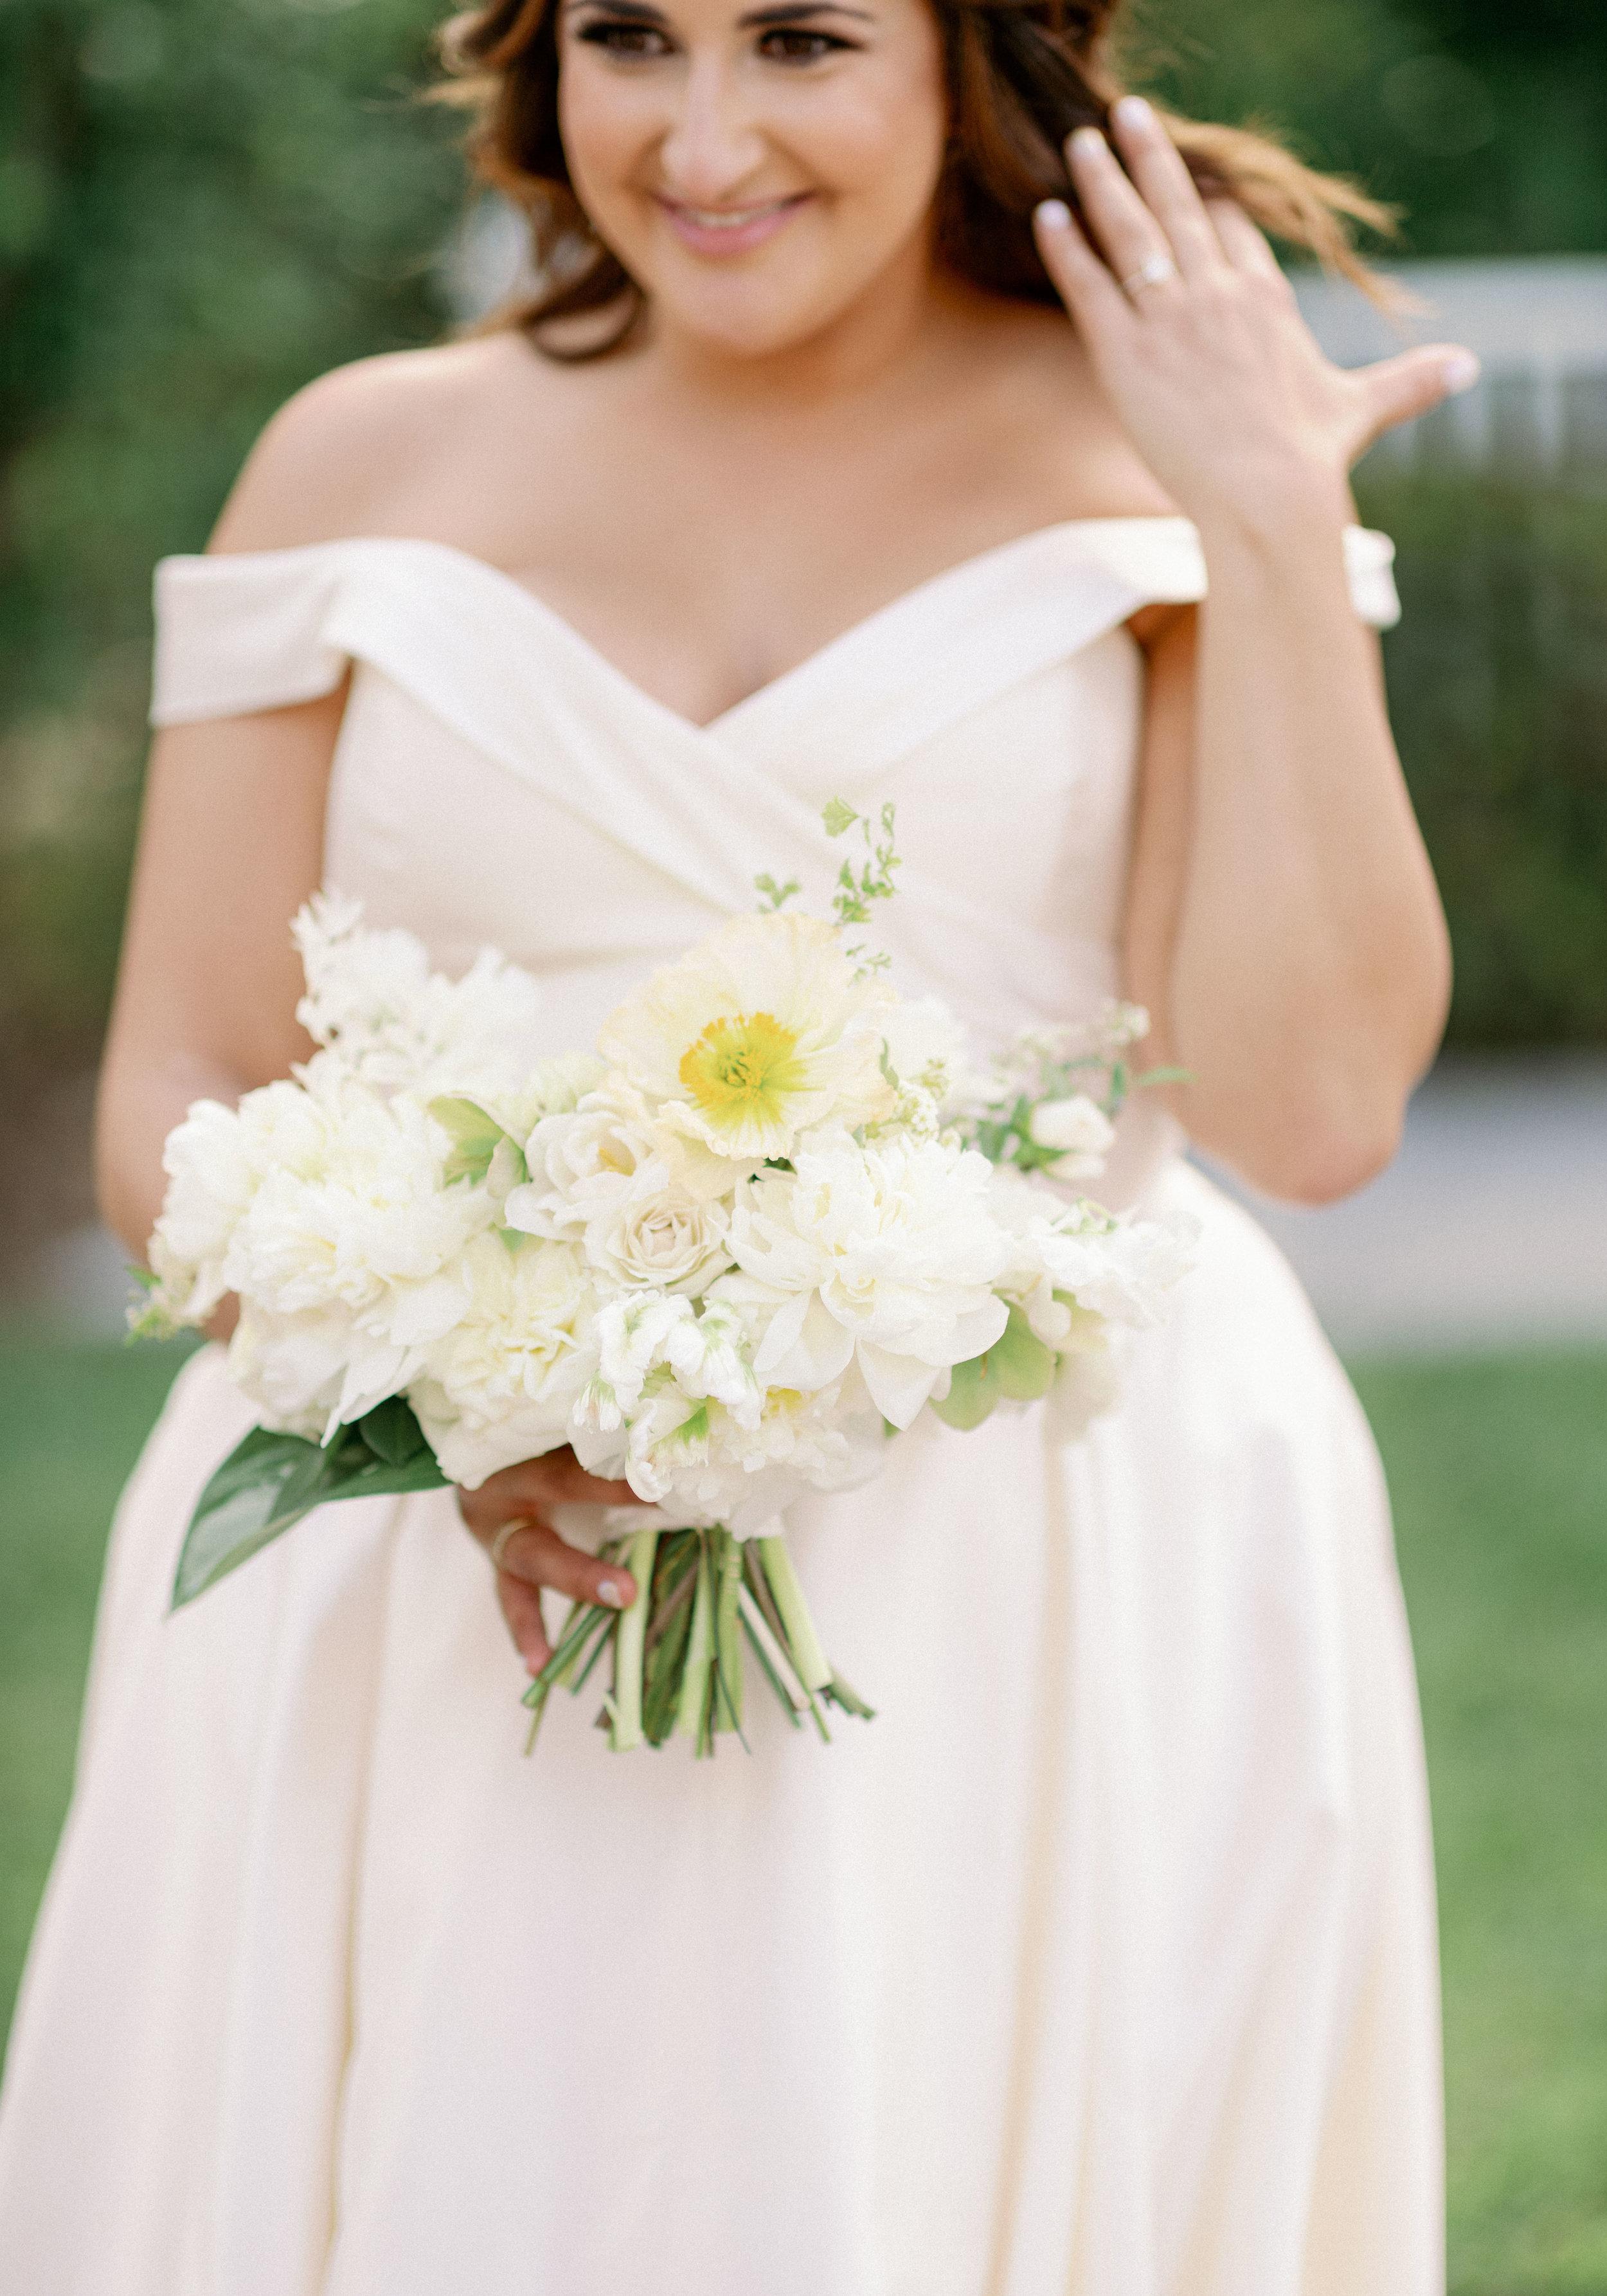 bridal-bouquet-florida-wedding.jpg